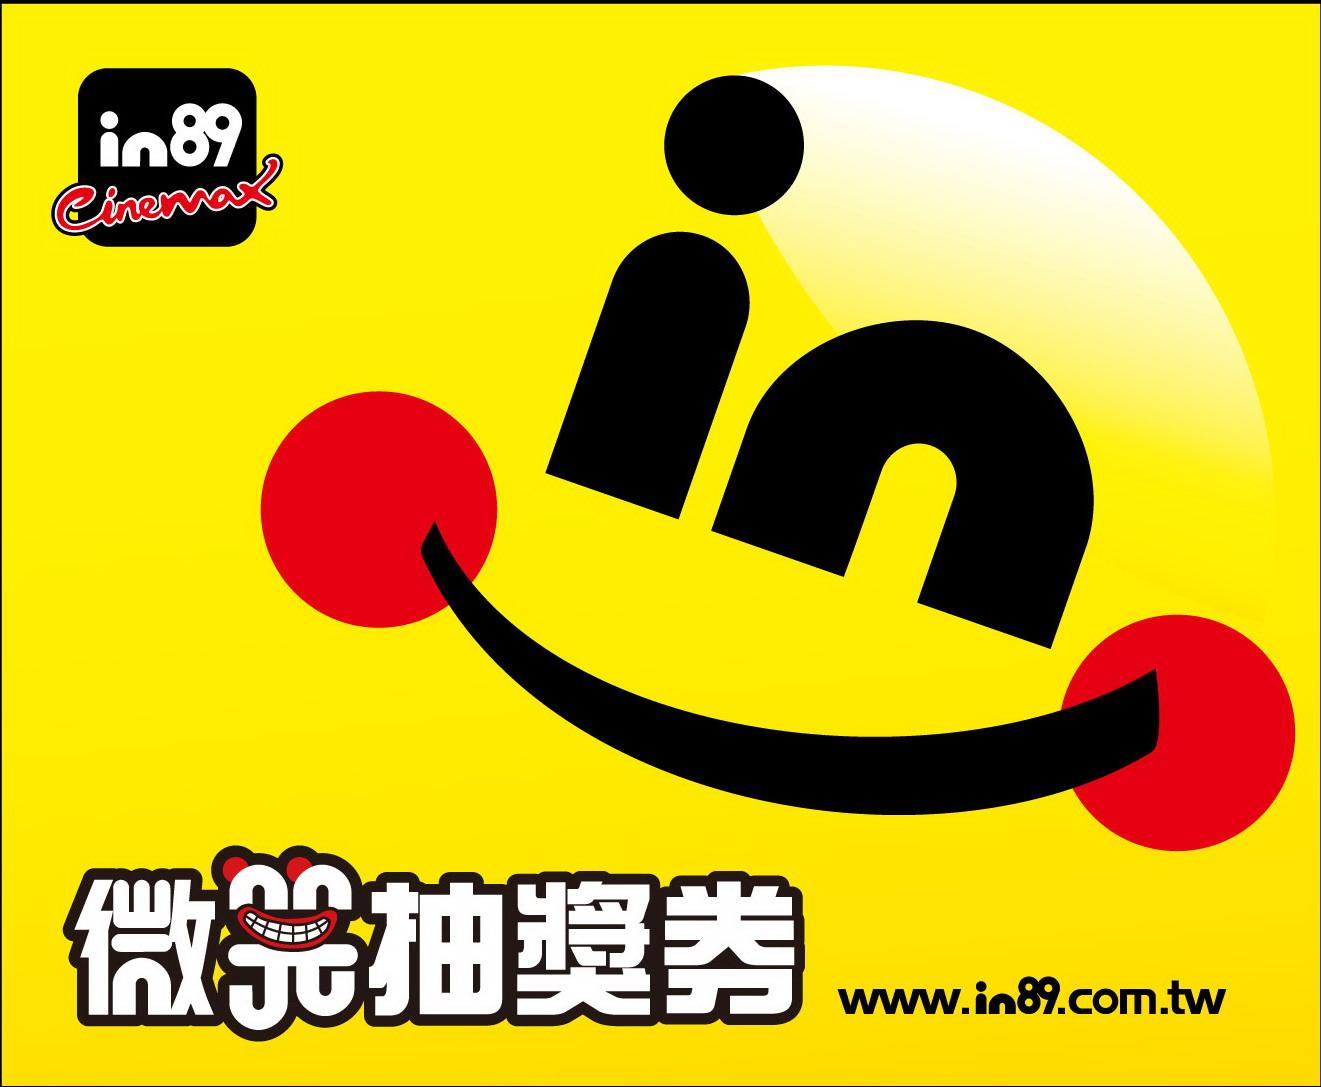 微笑抽獎券-正.jpg